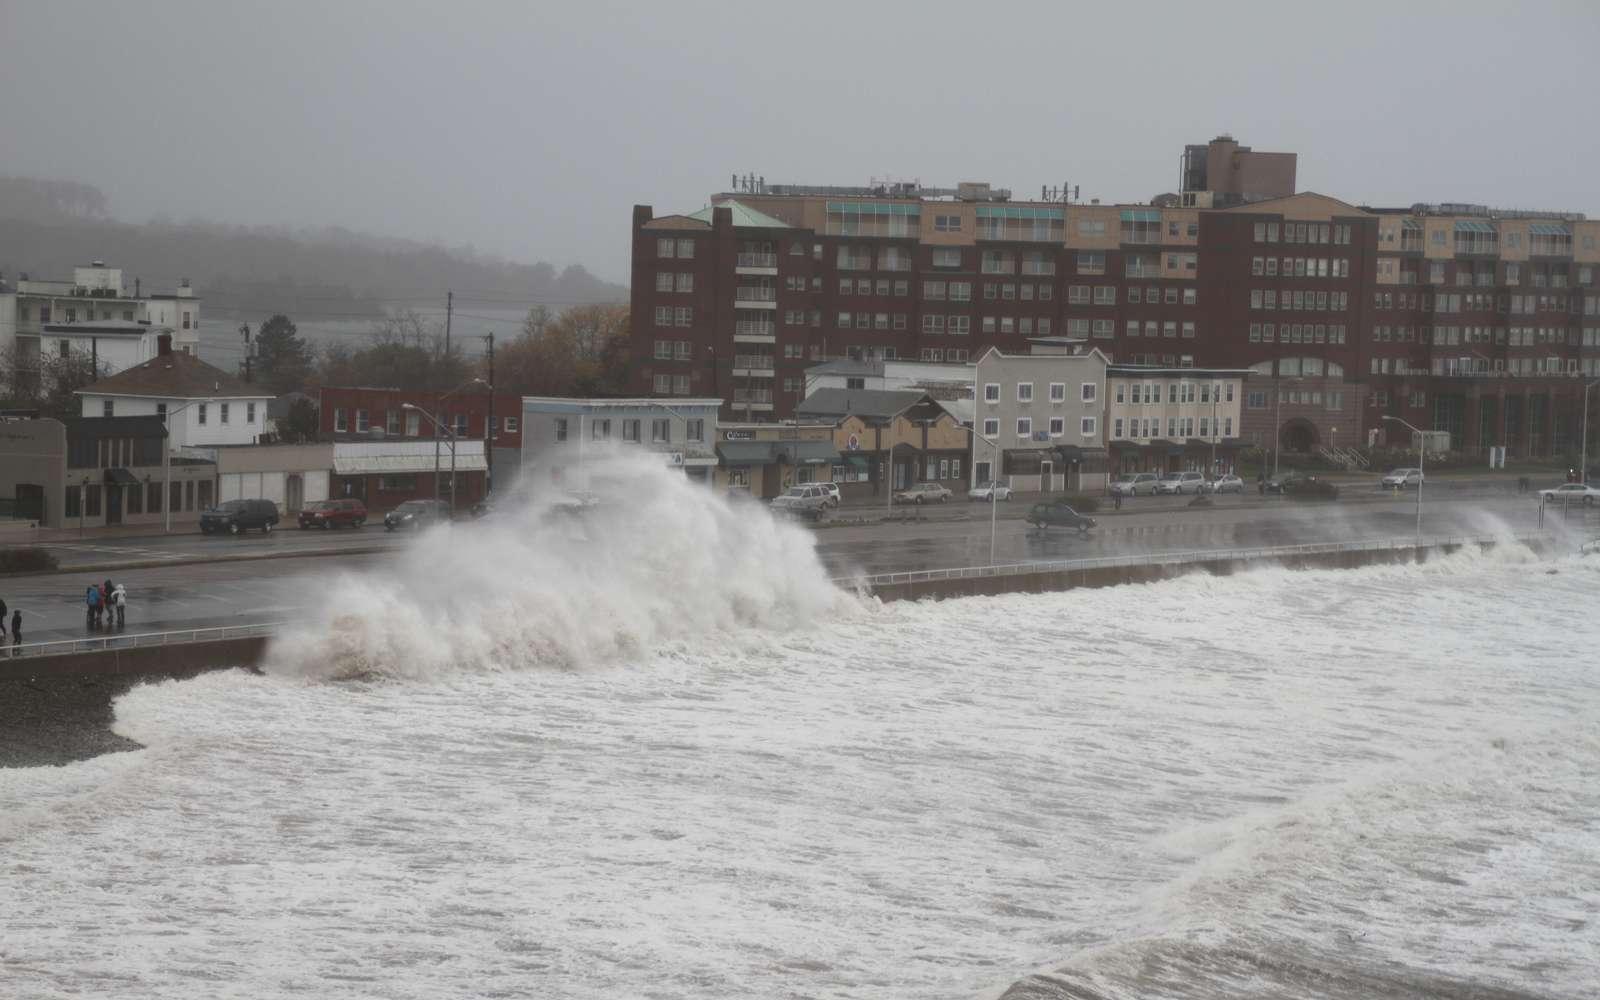 L'ouragan Sandy a causé d'incommensurables dégâts aux Bahamas, à Cuba, en Haïti, aux États-Unis et en Jamaïque. Il est souvent mis en avant l'idée que le réchauffement climatique provoquera une augmentation des événements extrêmes. Bien qu'on ne sache pas aujourd'hui à quel point ils augmenteront, la distribution géographique des événements évoluant au cours du temps est certaine, notamment à cause des émissions d'aérosols. © Jeffcutler, Flickr, CC